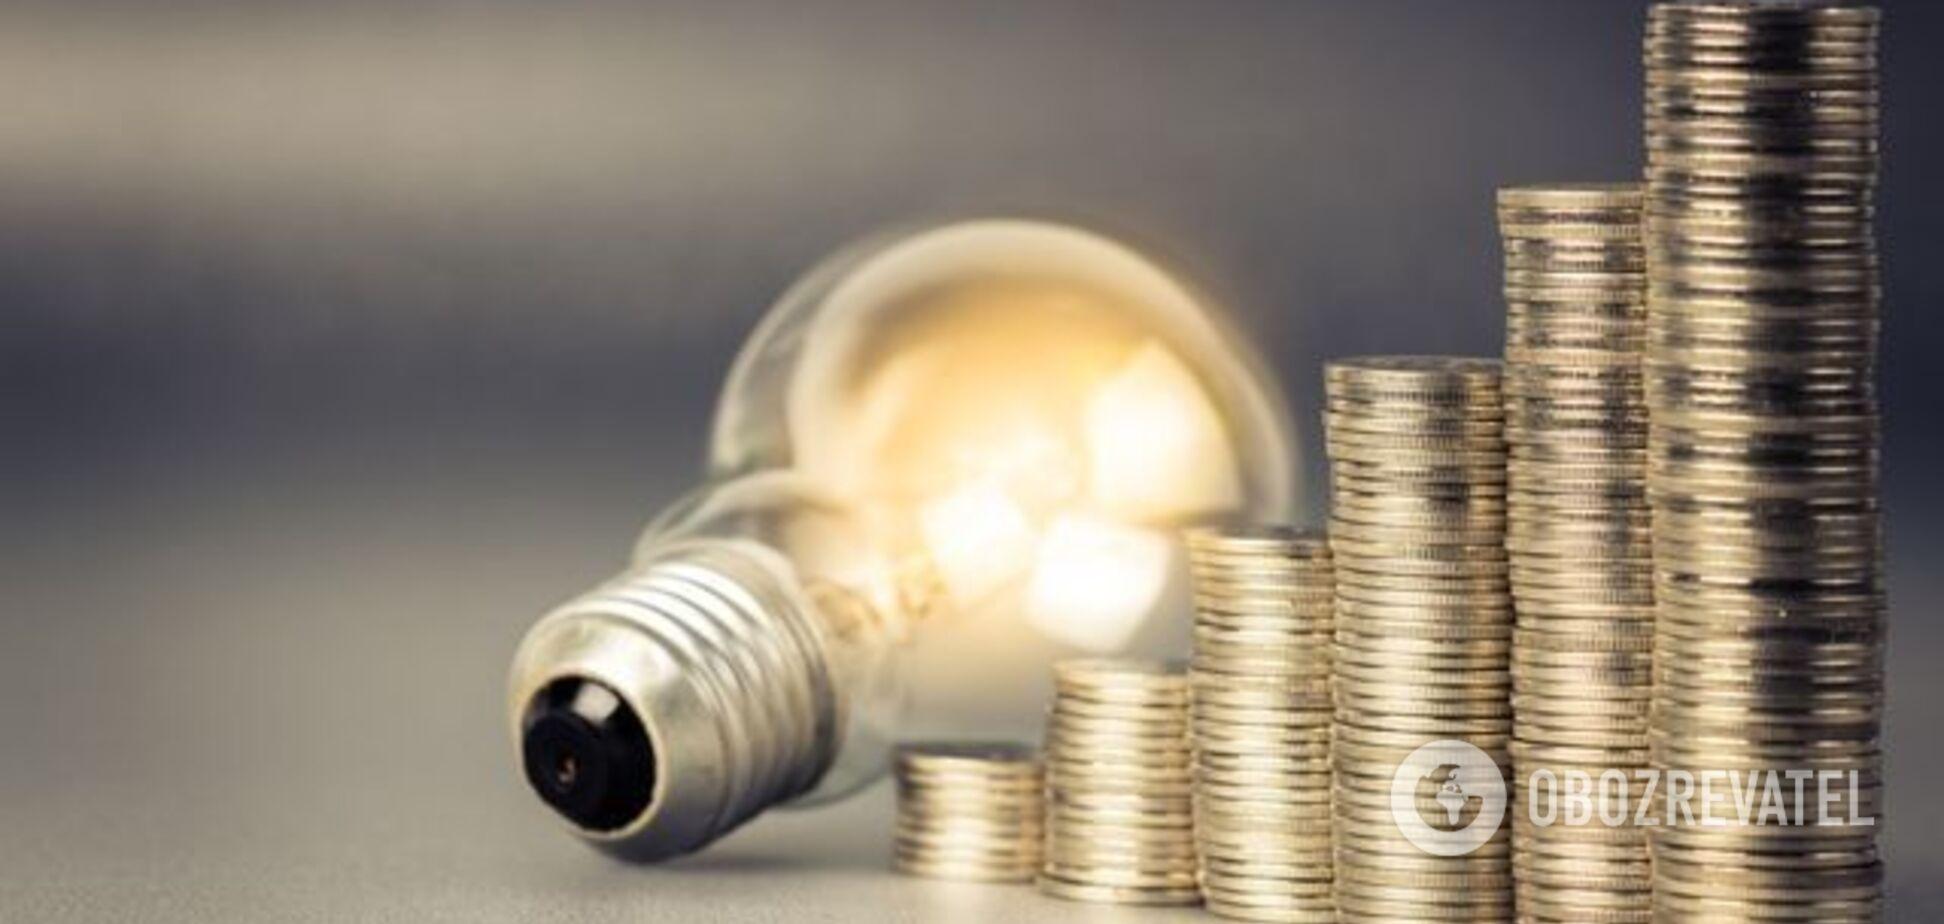 Борги на ринку електроенергії досягли 50 млрд грн – Буславець